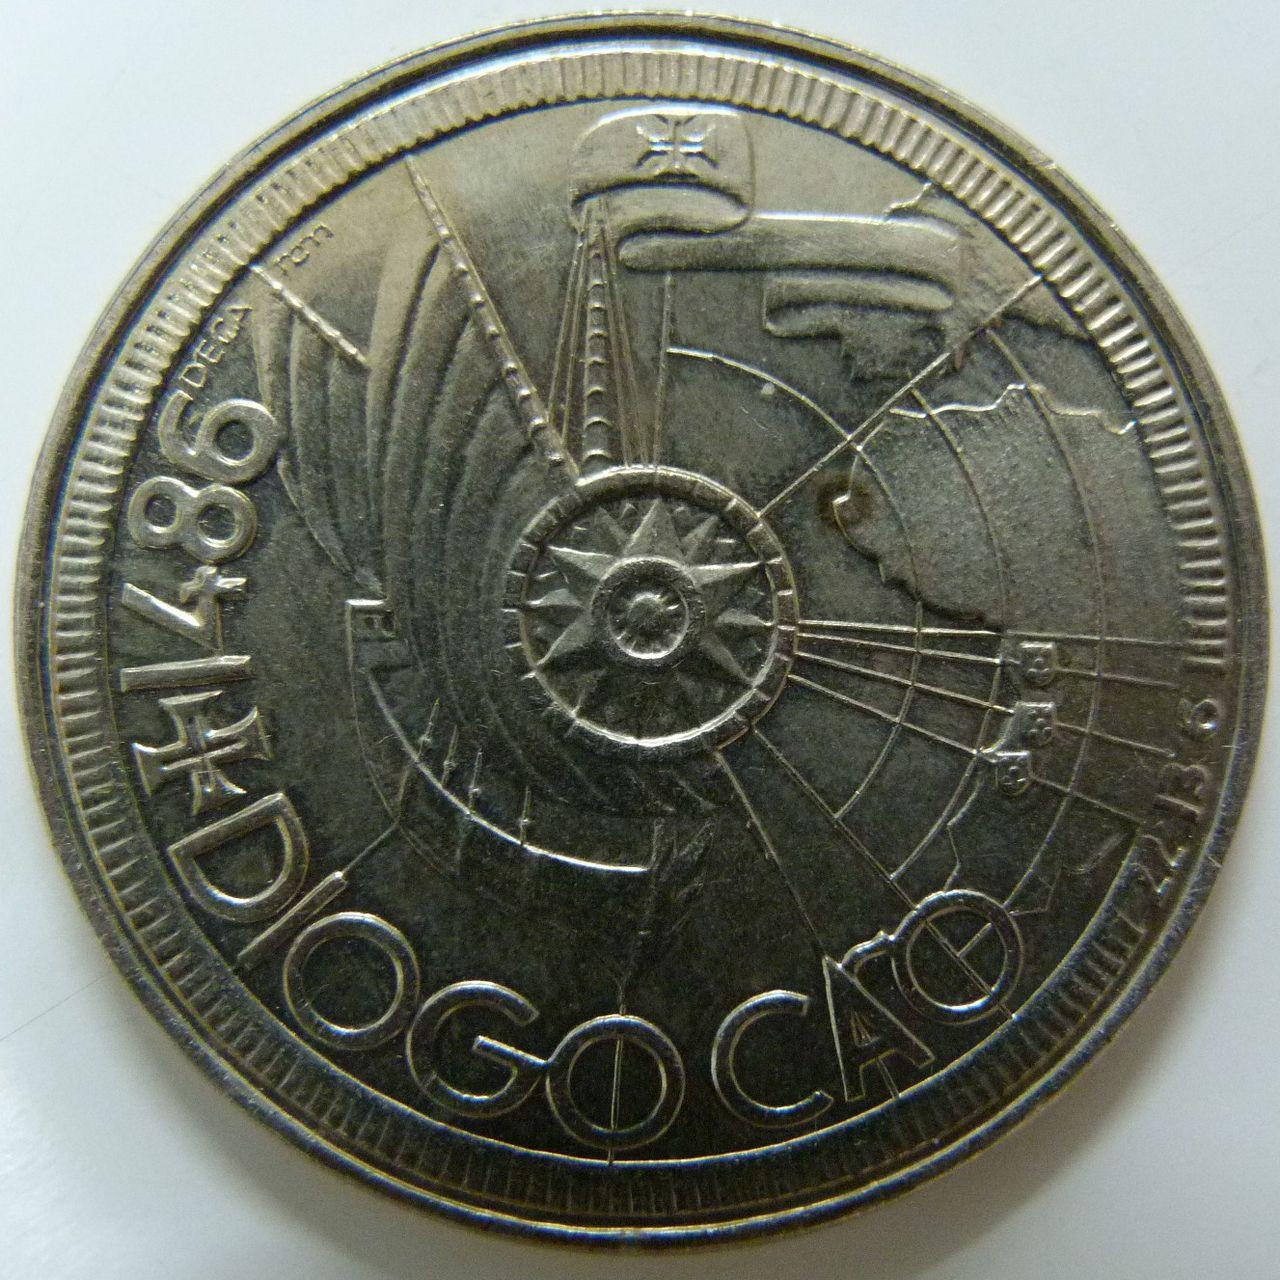 100 Escudos. Portugal (1987) - Diogo Cao POR_100_Escudos_Diogo_Cao_rev